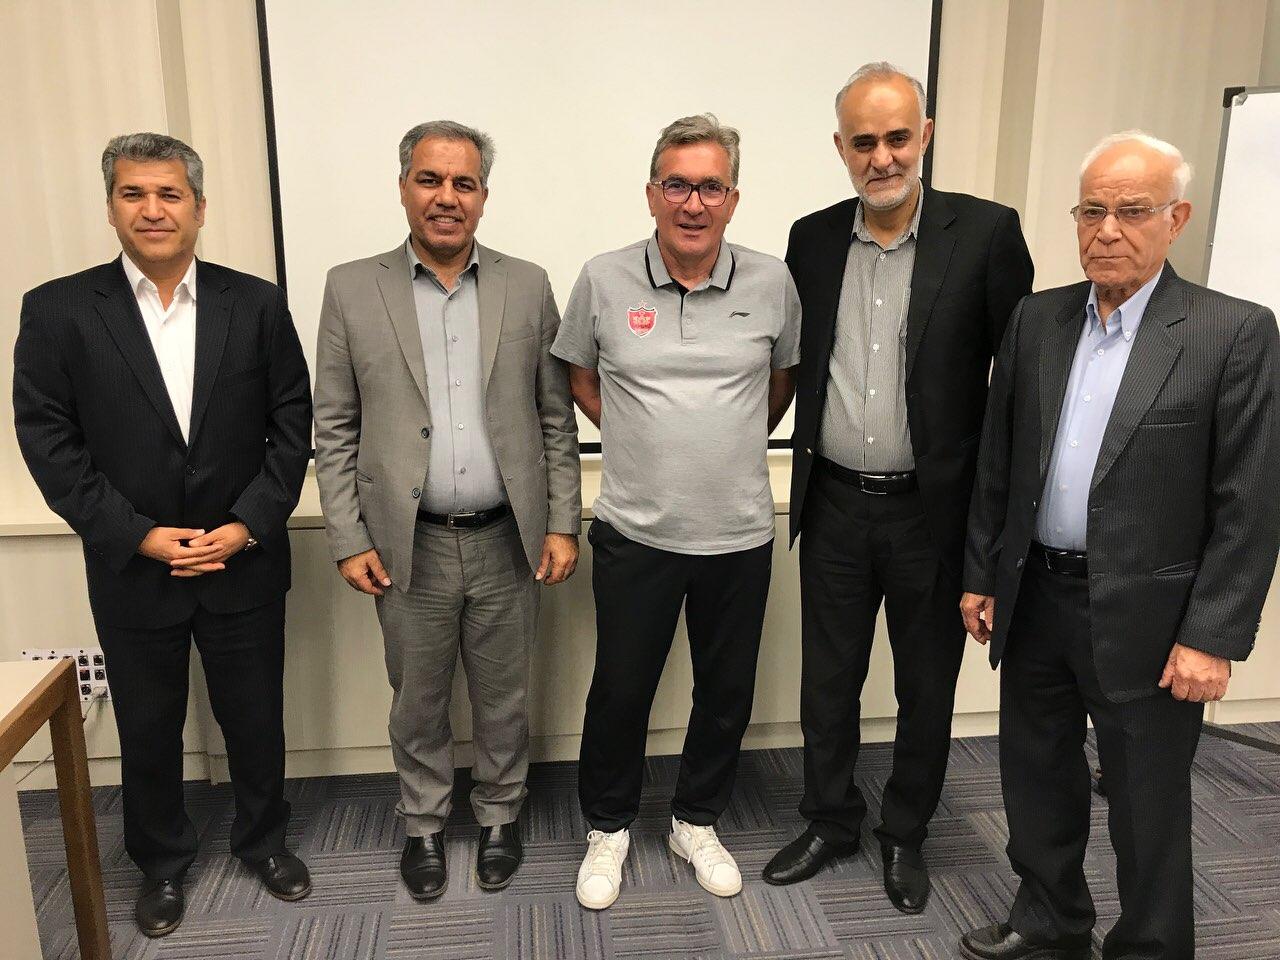 نشست مدیر عامل و تعدادی از اعضای هیئت مدیره با برانکو